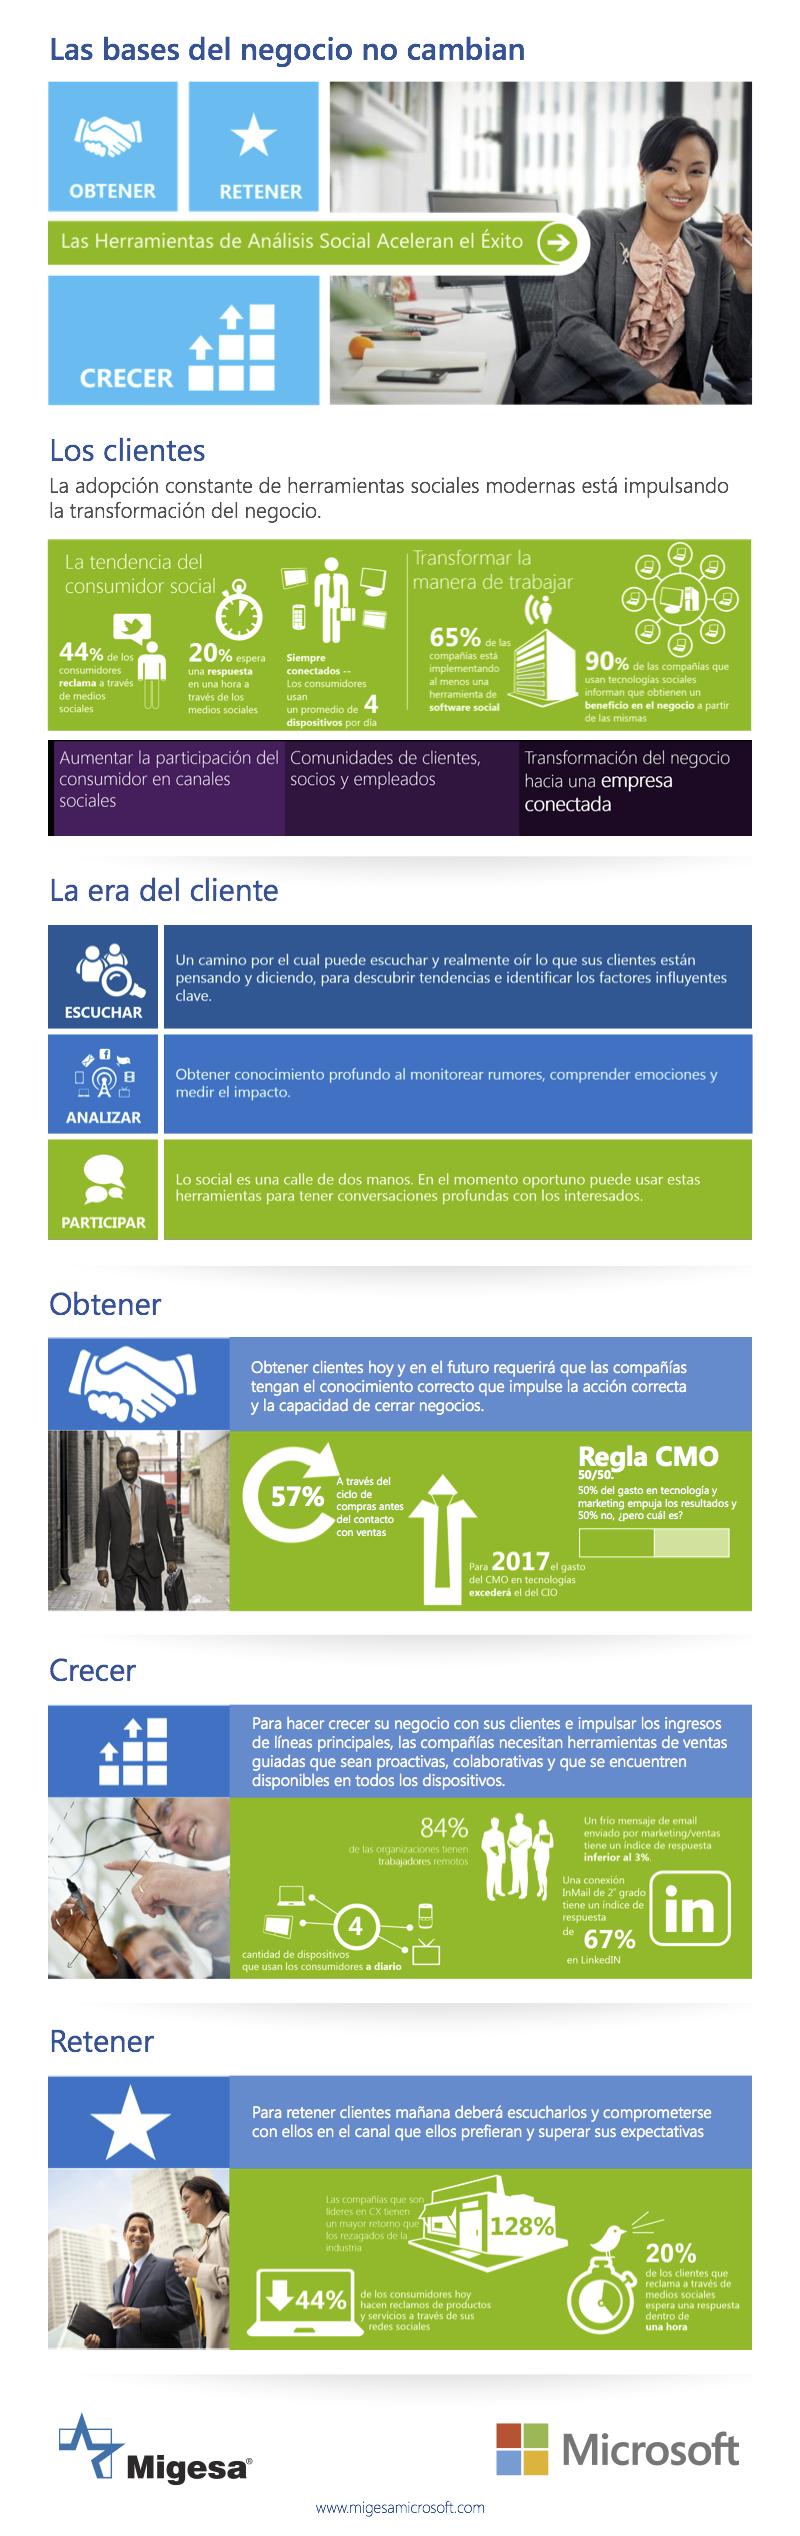 Infografia que describe estadisticas de la respuesta del consumidor y los medios sociales